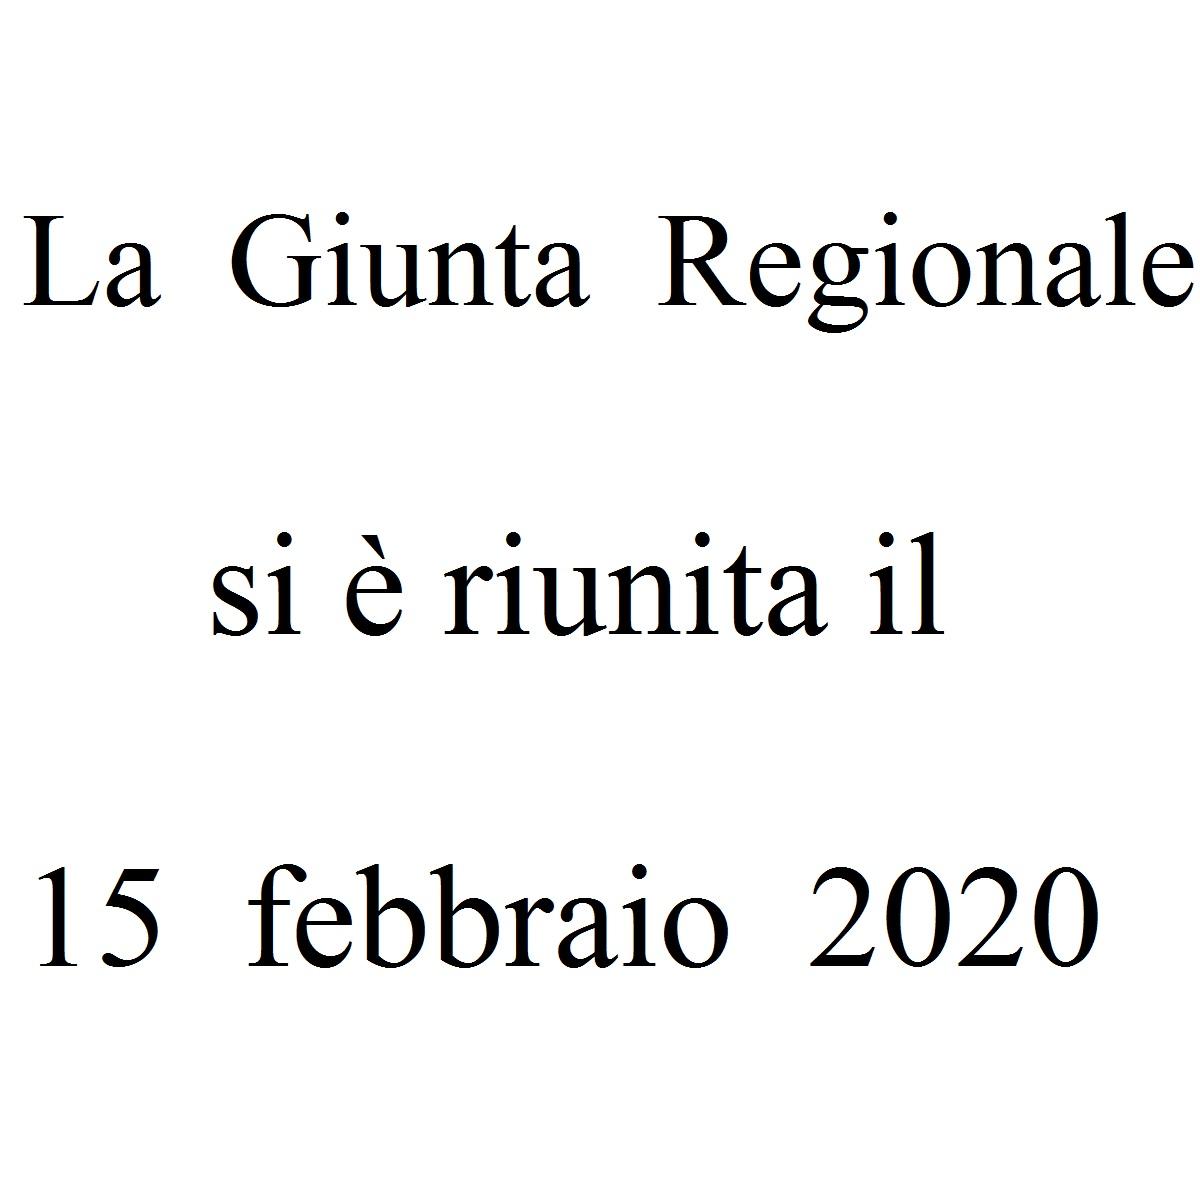 La Giunta Regionale si è riunita il 15 febbraio 2020 foto